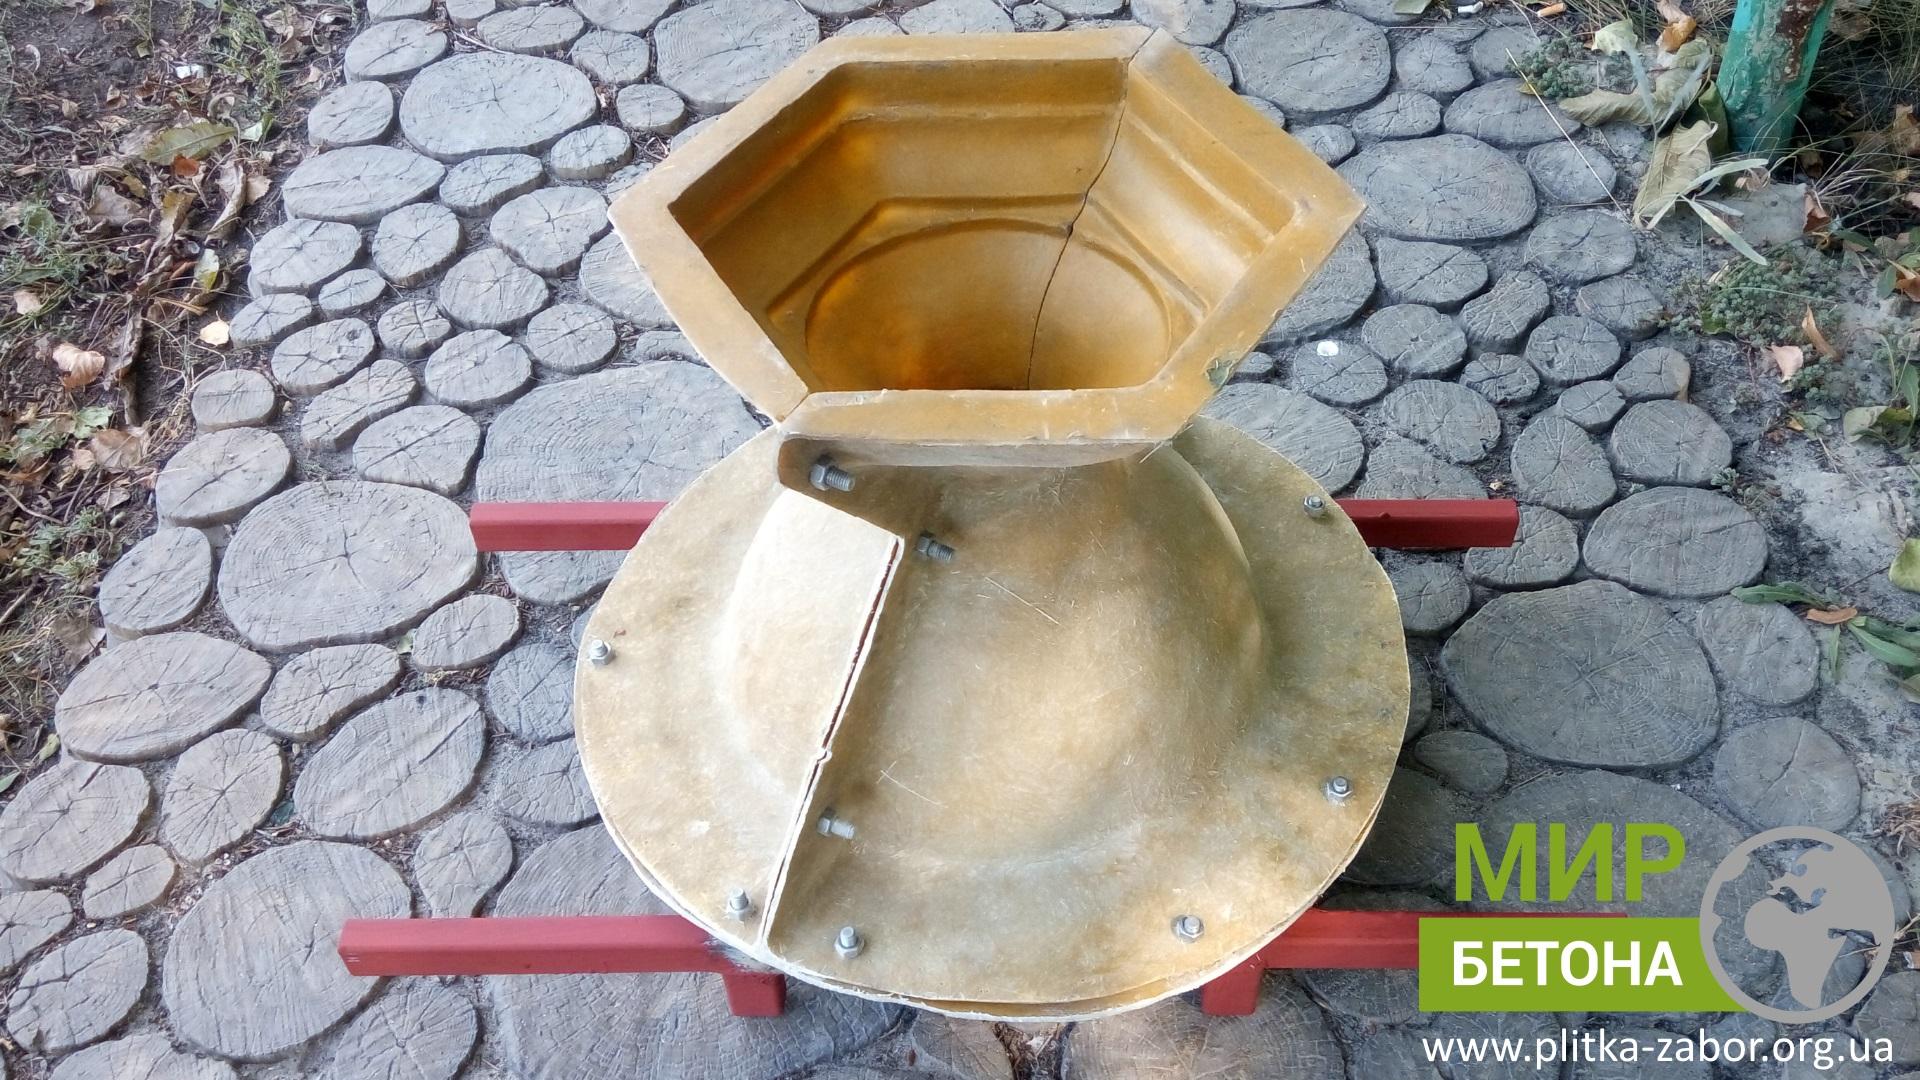 Форма для изготовления вазона из бетона купить цементный раствор для половой плитки